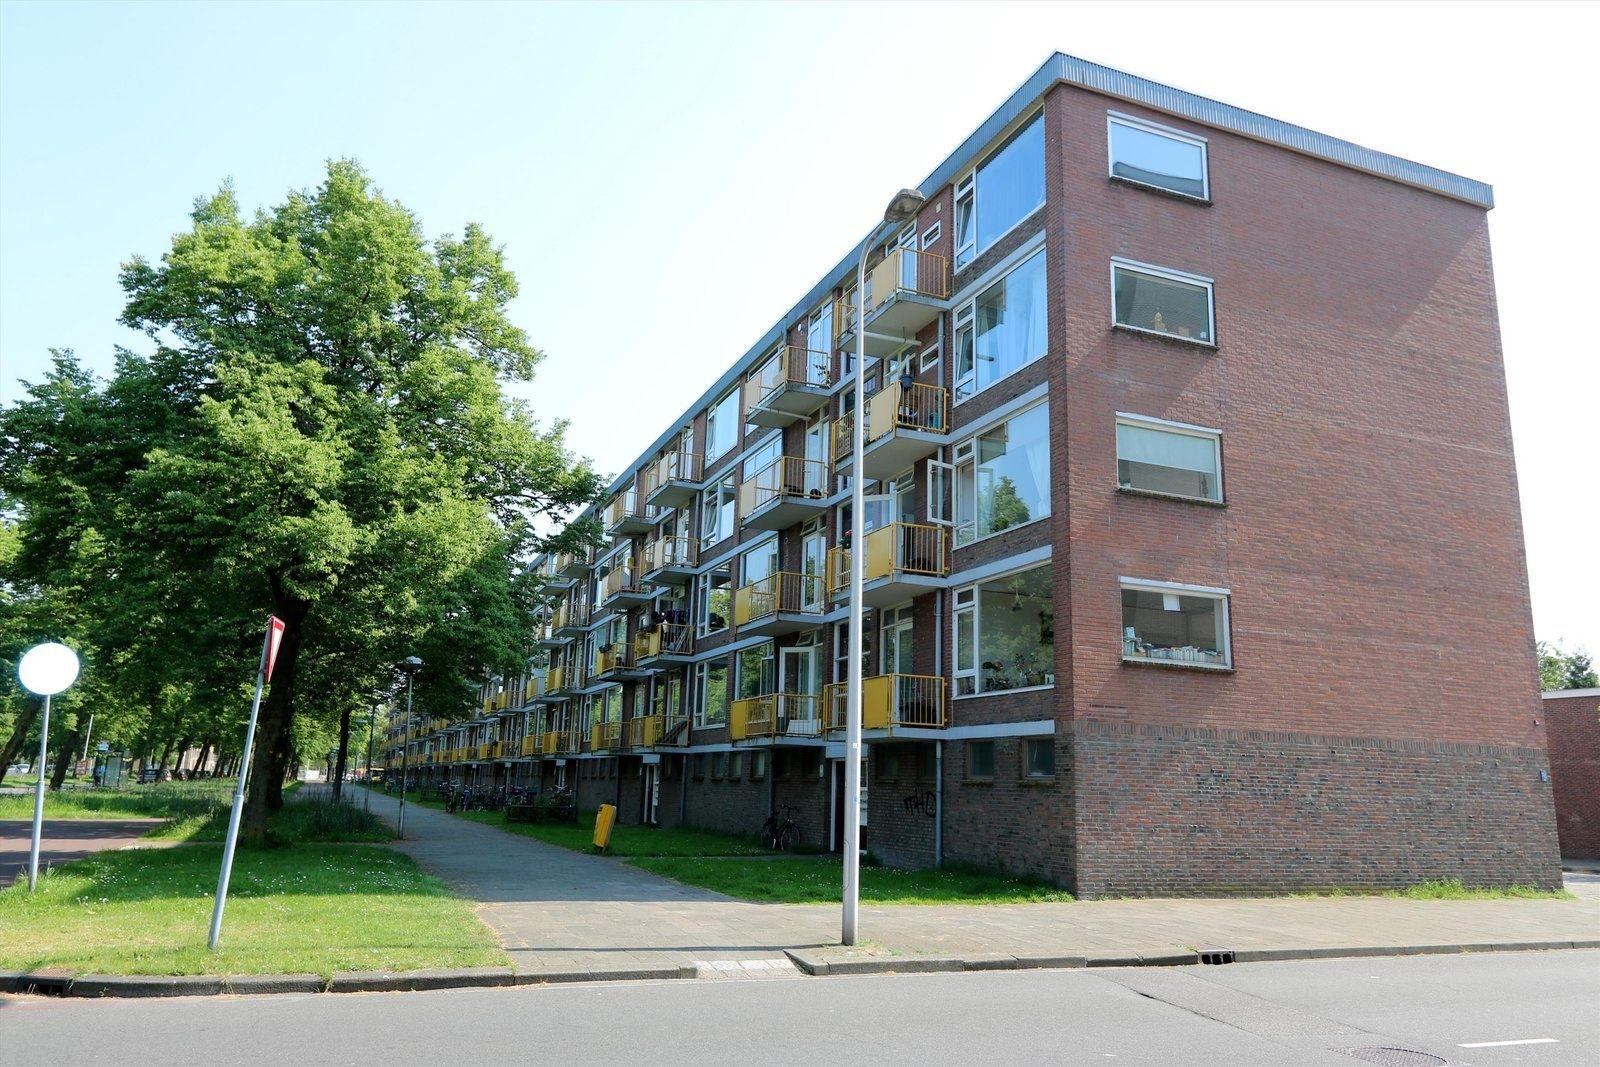 Moezeldreef 137, Utrecht